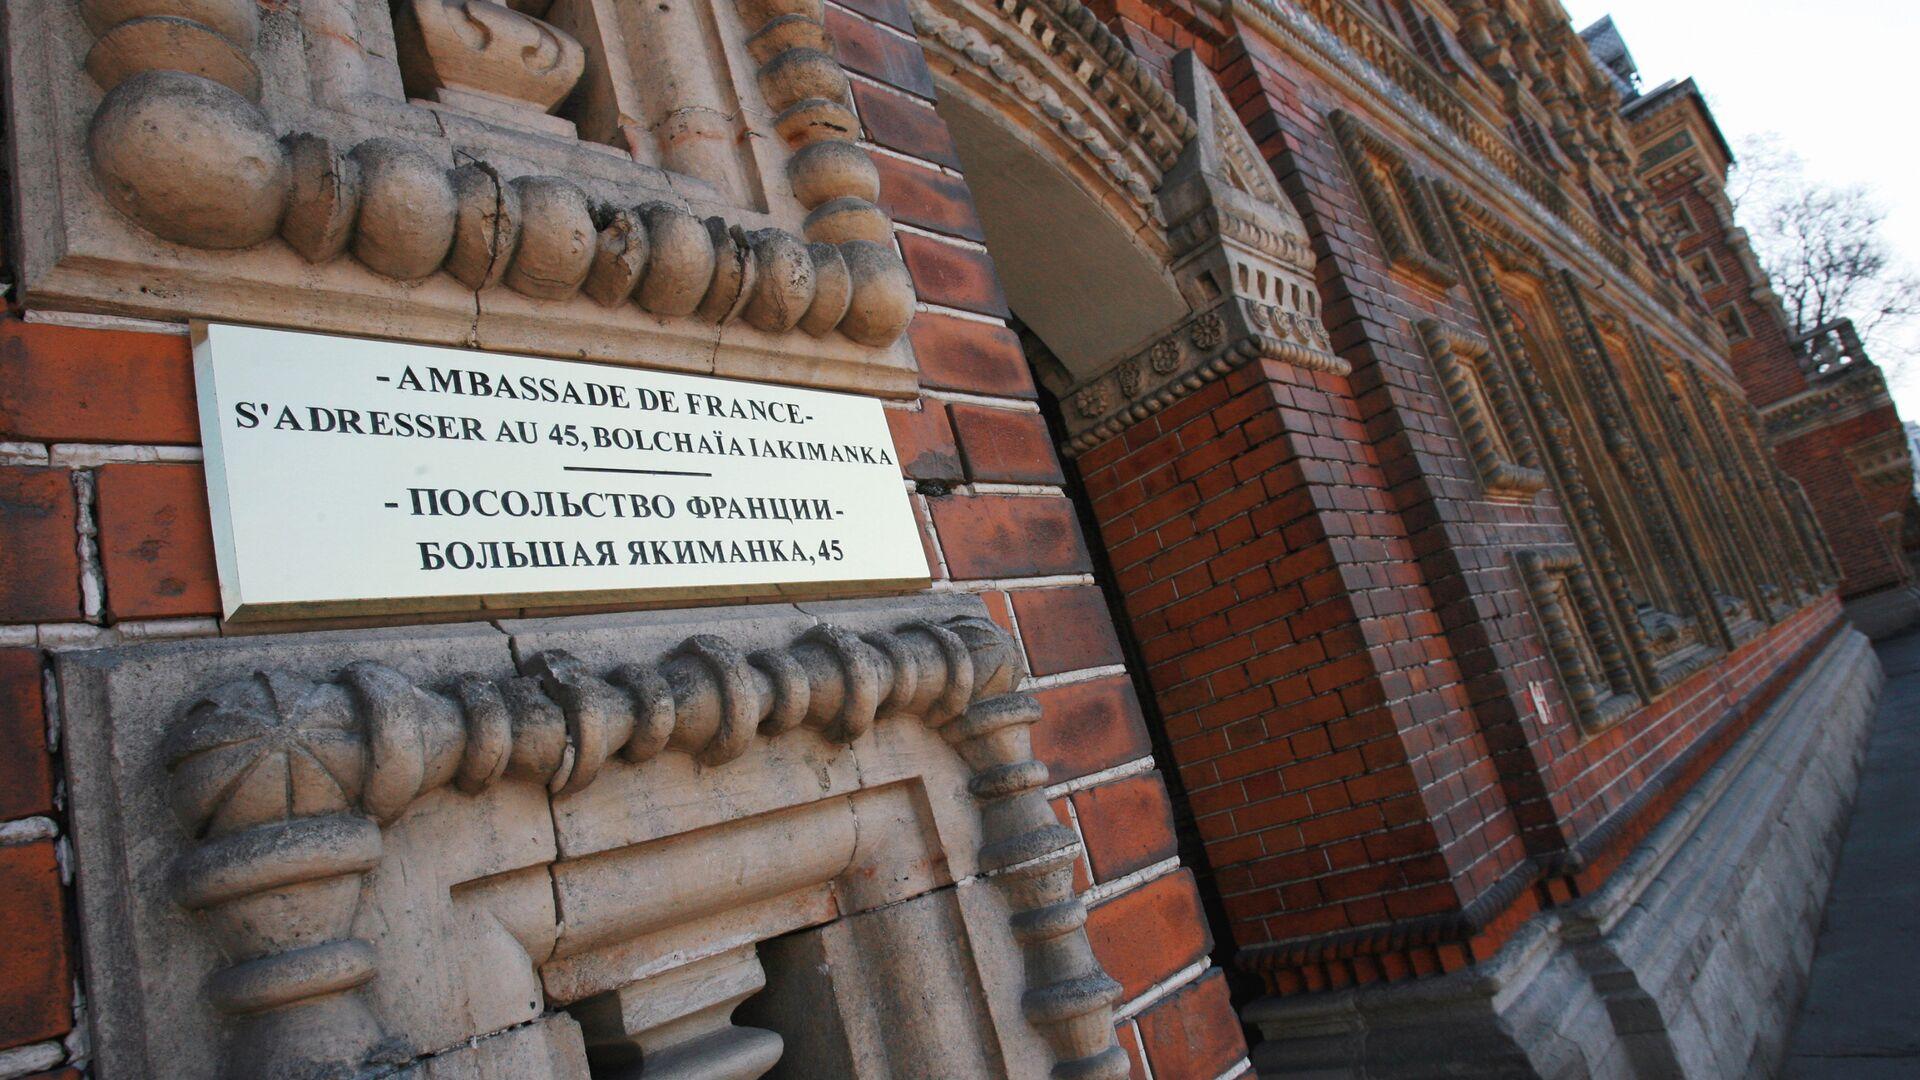 Здание посольства Франции - РИА Новости, 1920, 31.10.2020